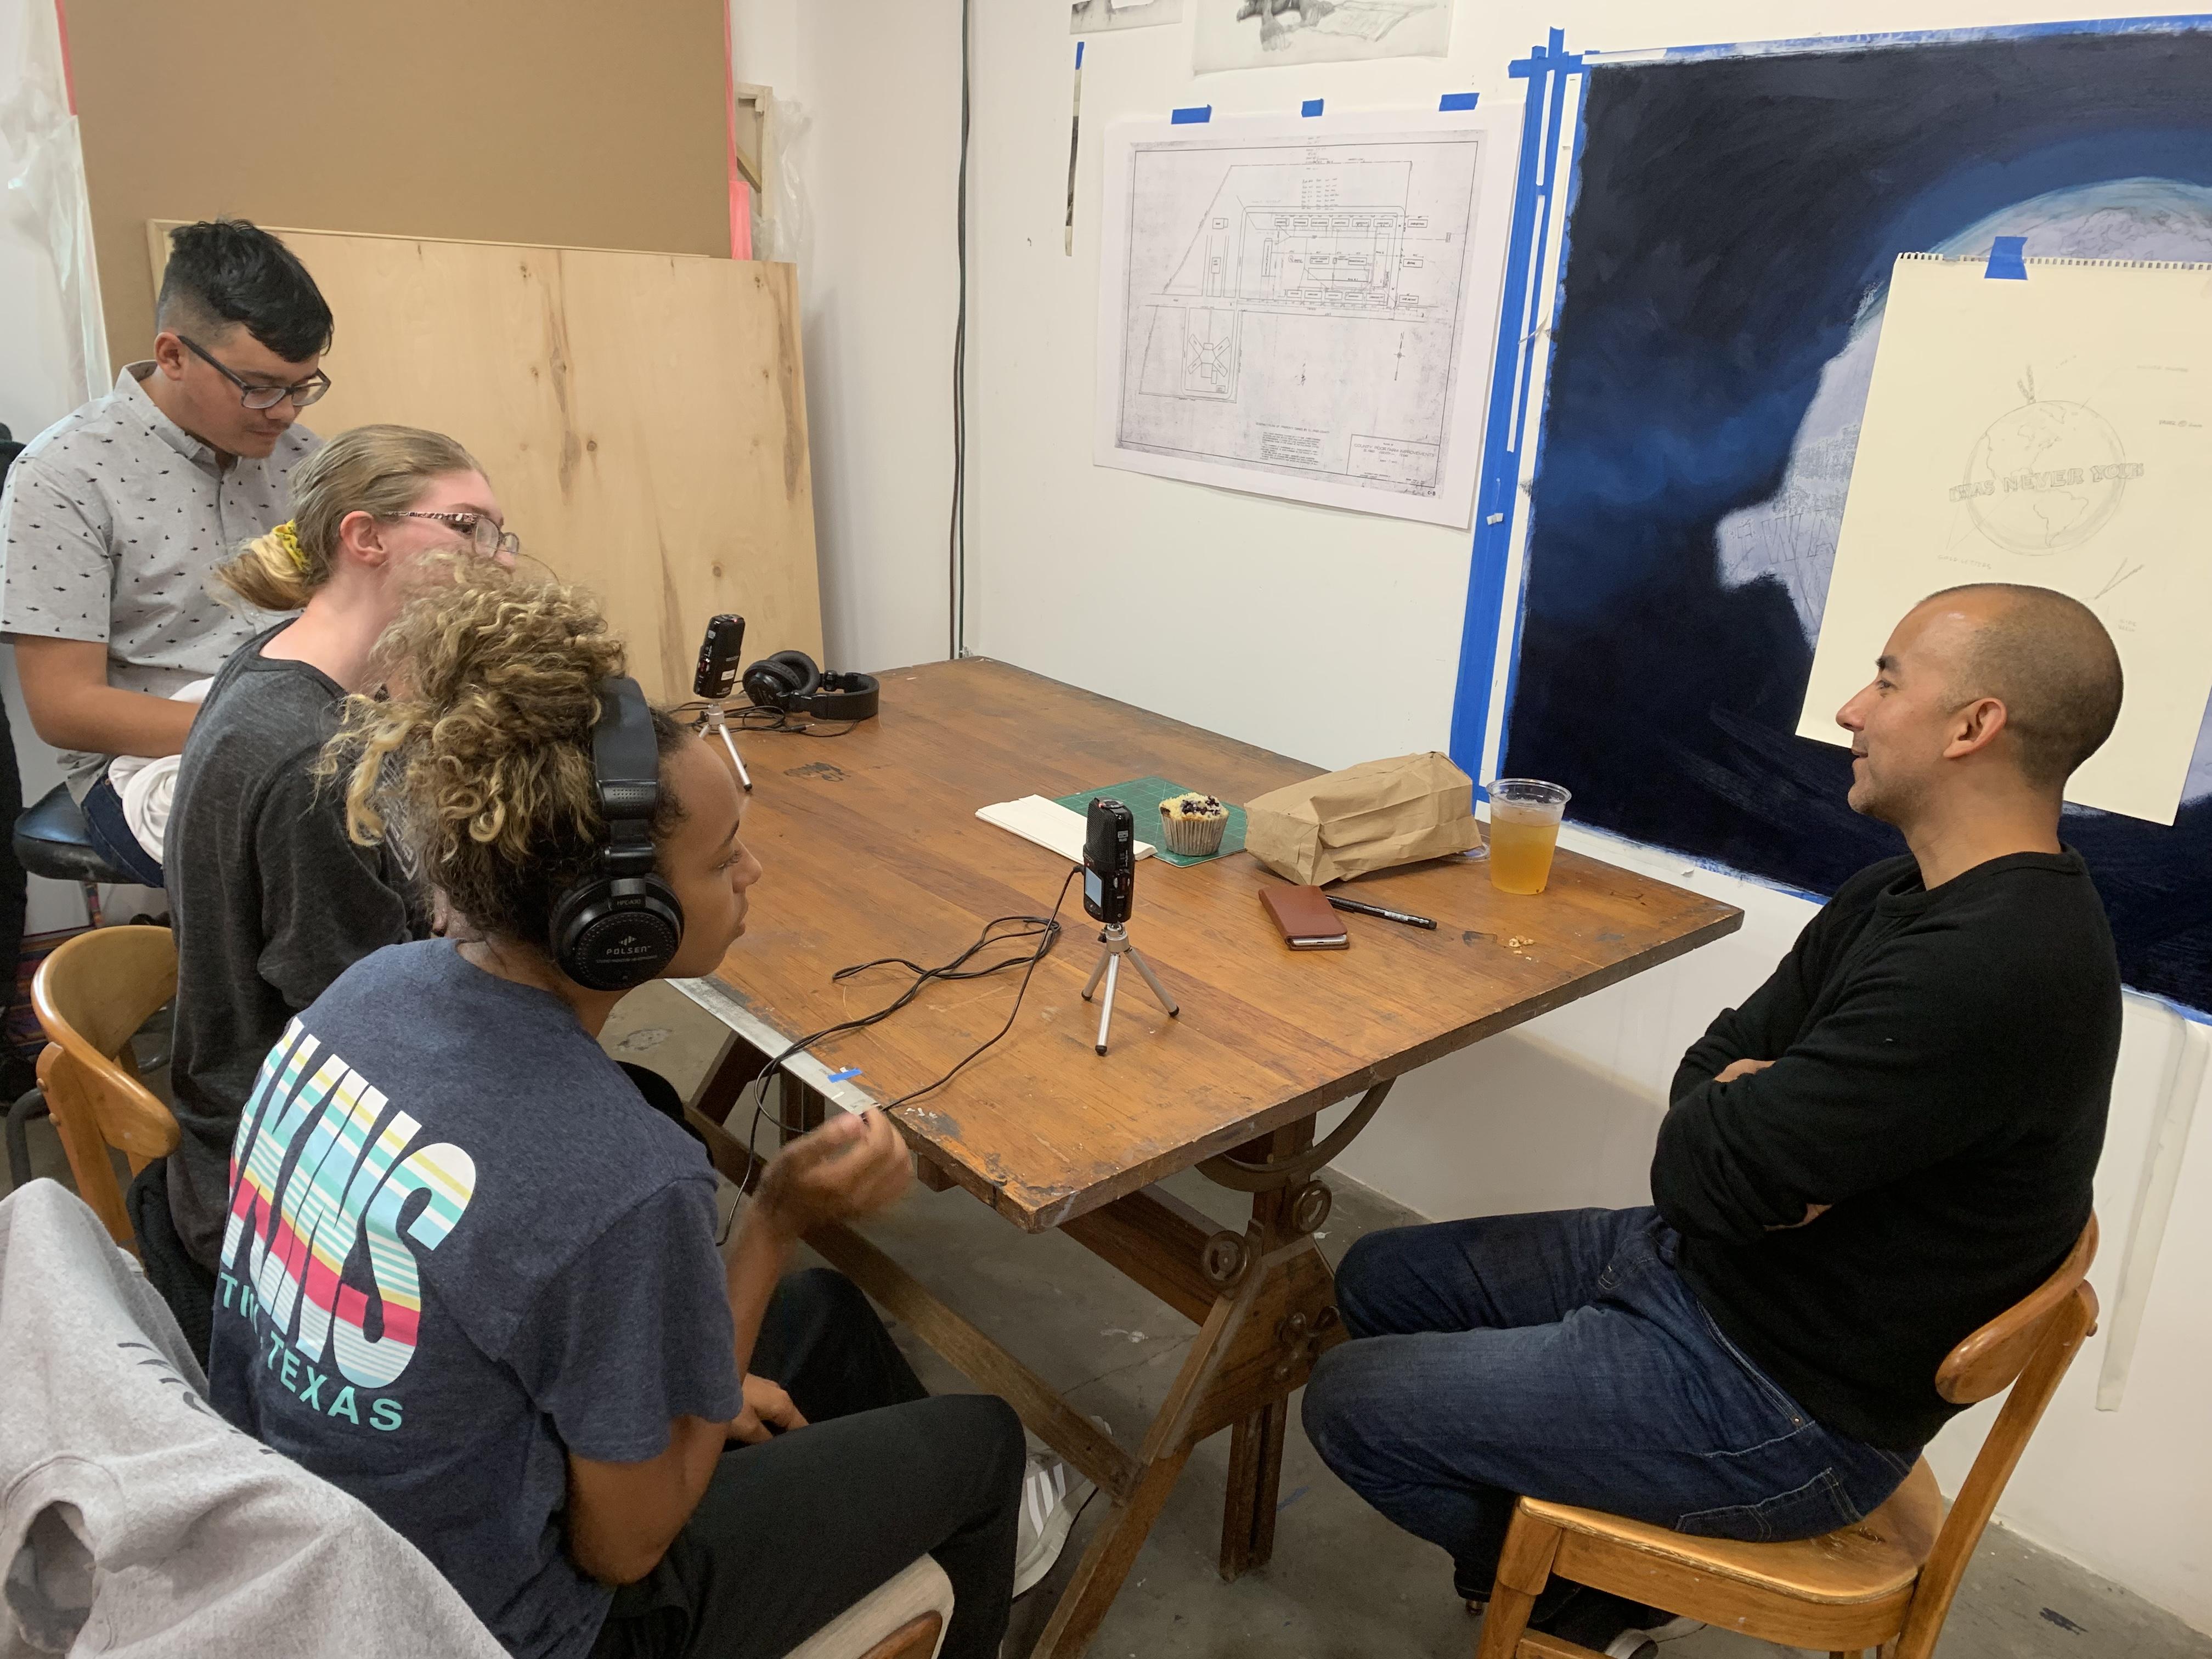 Caption: Vincent Valdez interviewed by Akins High School students, Credit: Texas Folklife